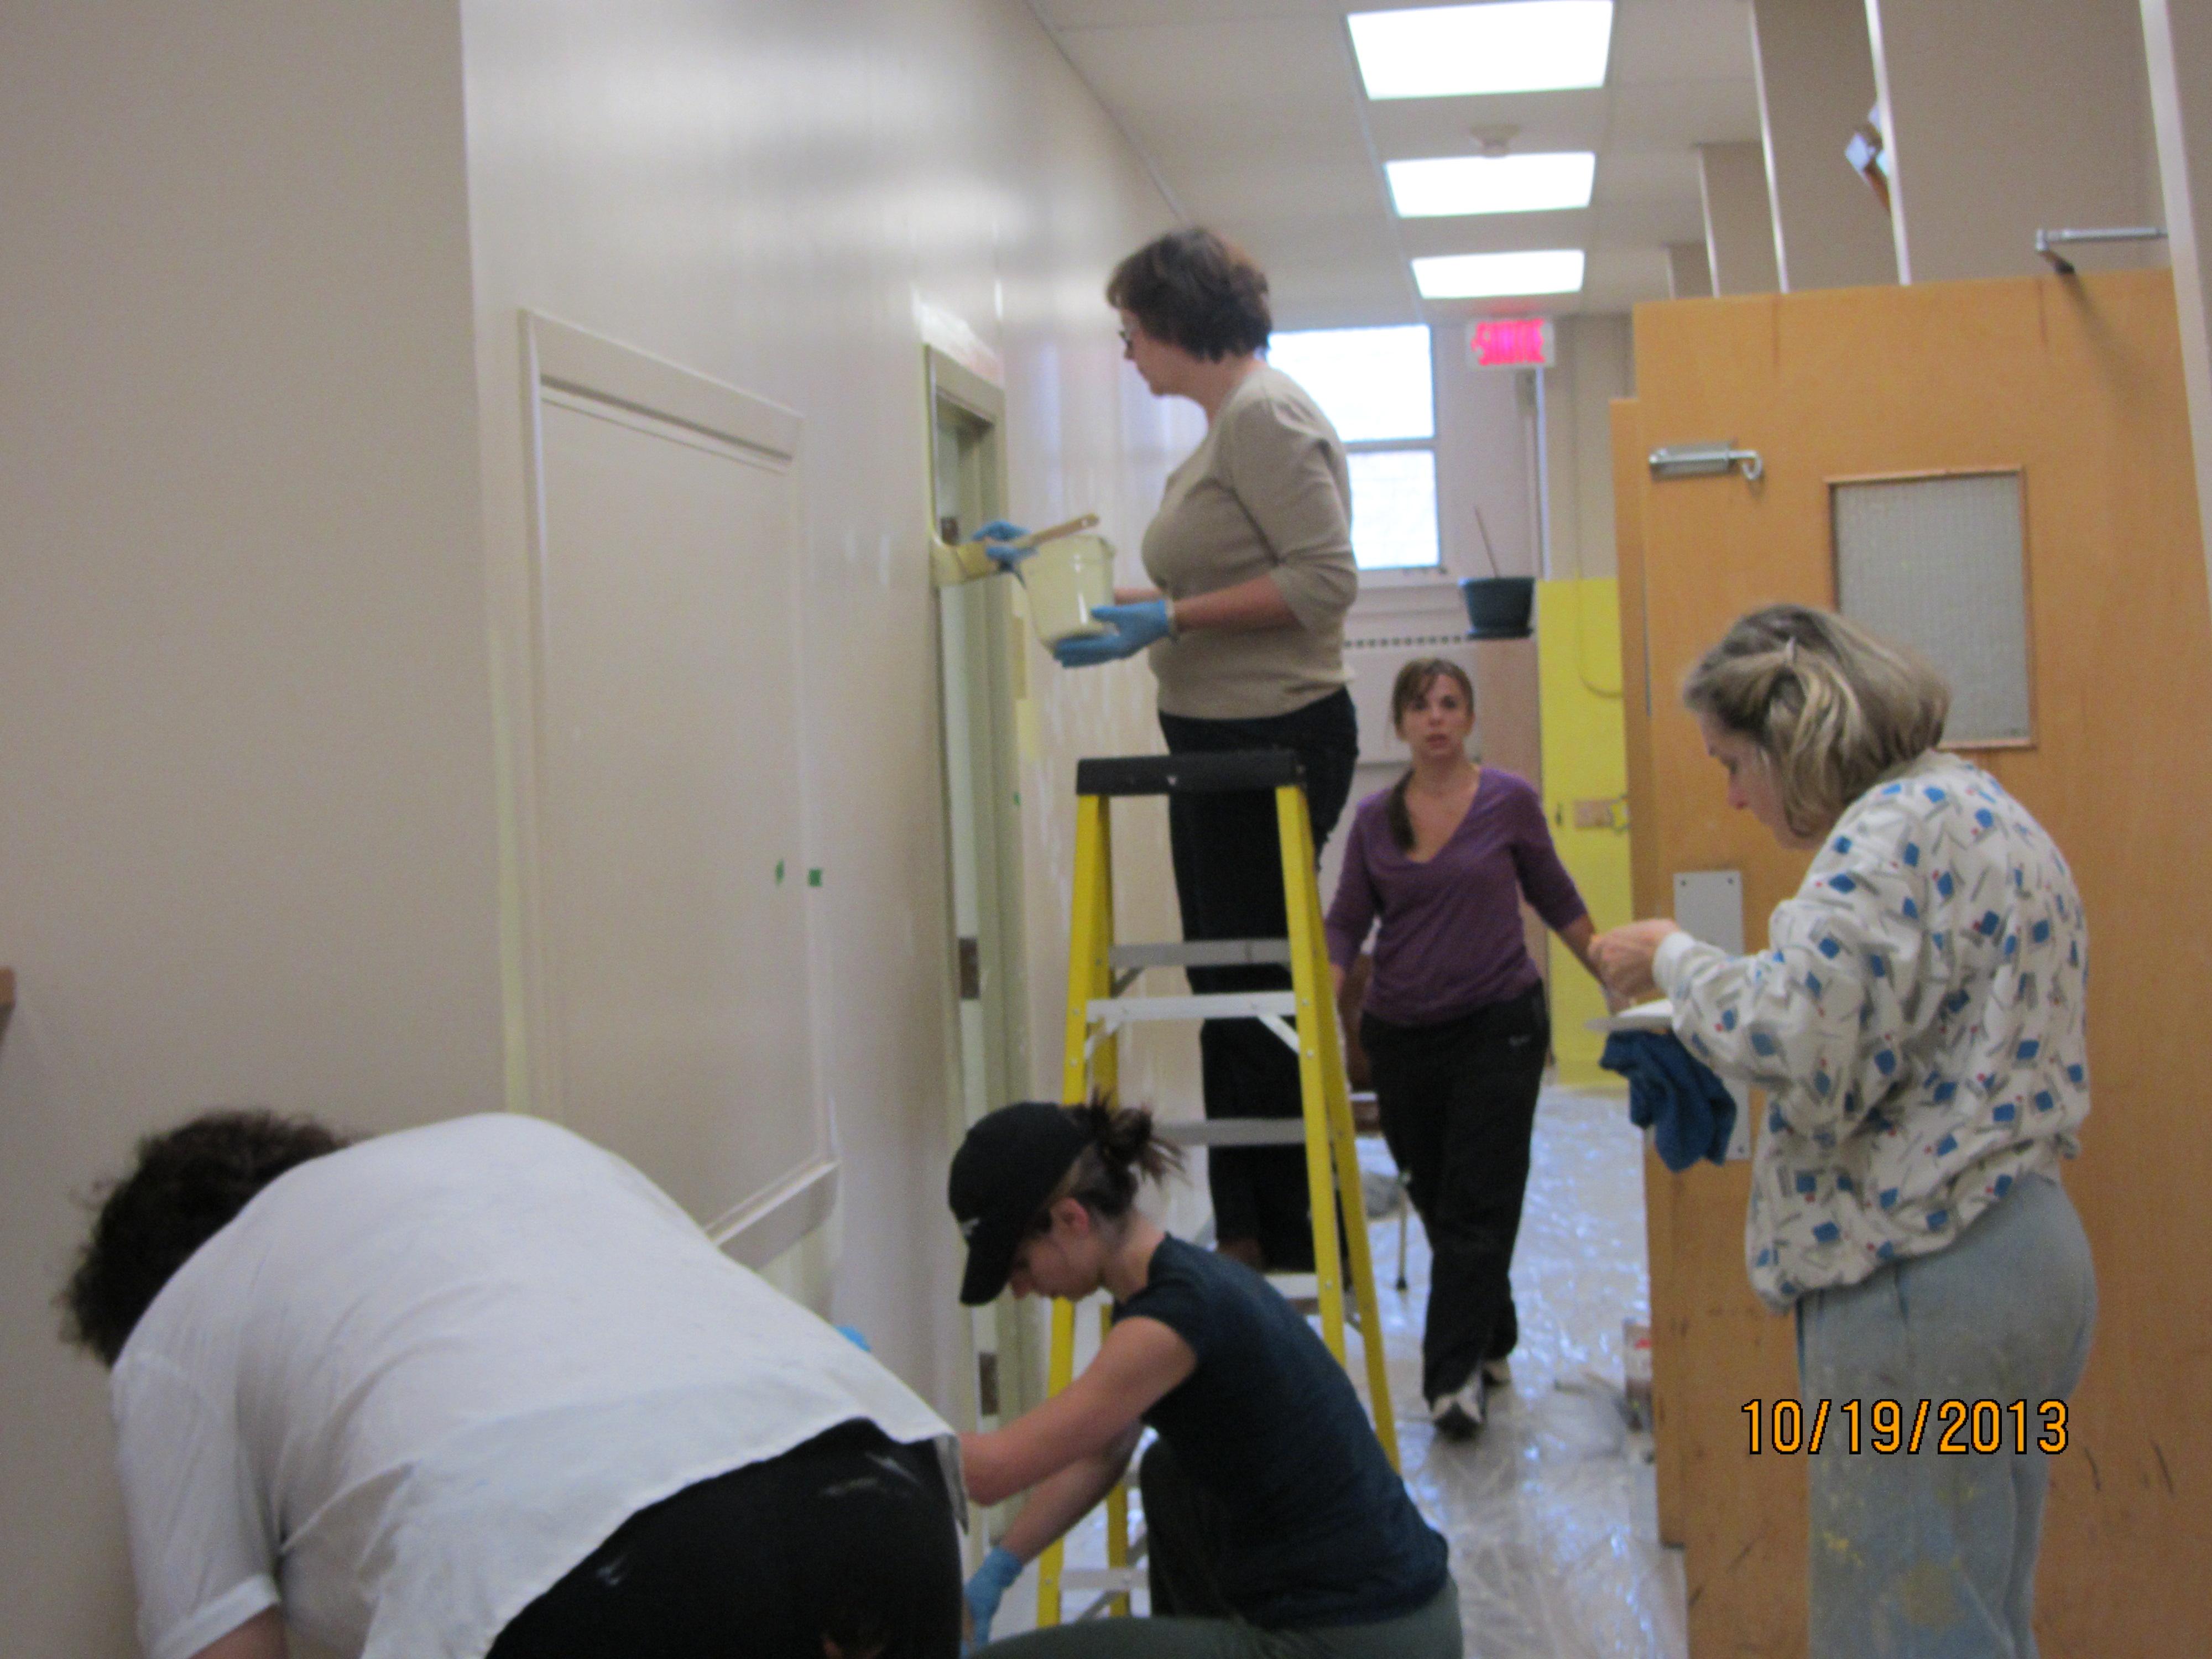 Les travaux de peinture à l'Annexe de Laval ont commencés